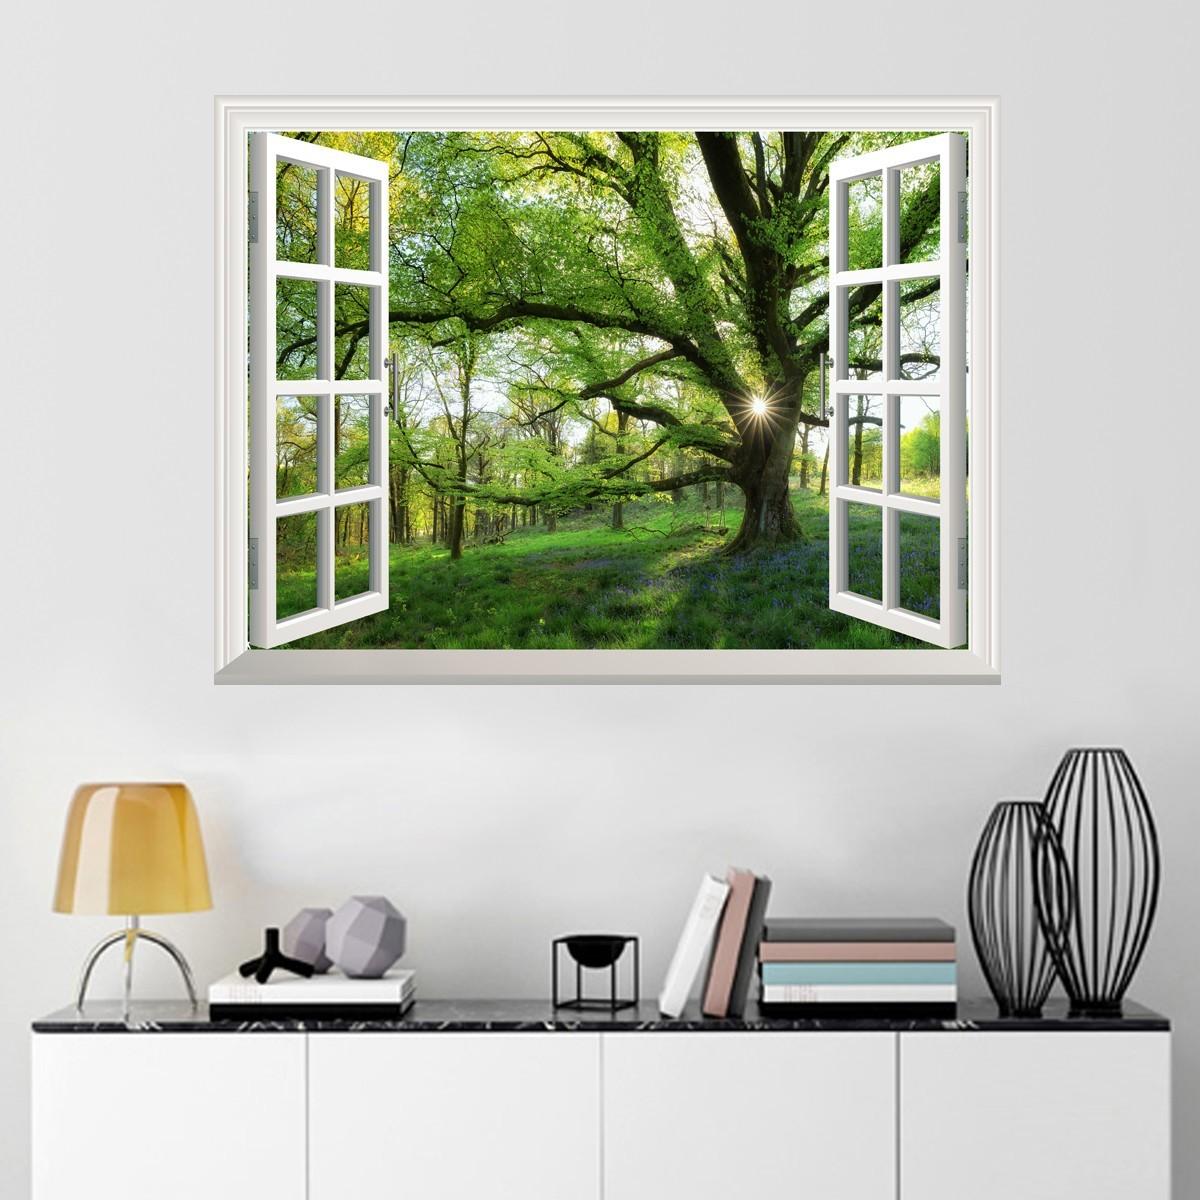 3d fenster ausblick fr hling wandaufkleber wandtattoos sticker vinyl 80 60cm ebay. Black Bedroom Furniture Sets. Home Design Ideas